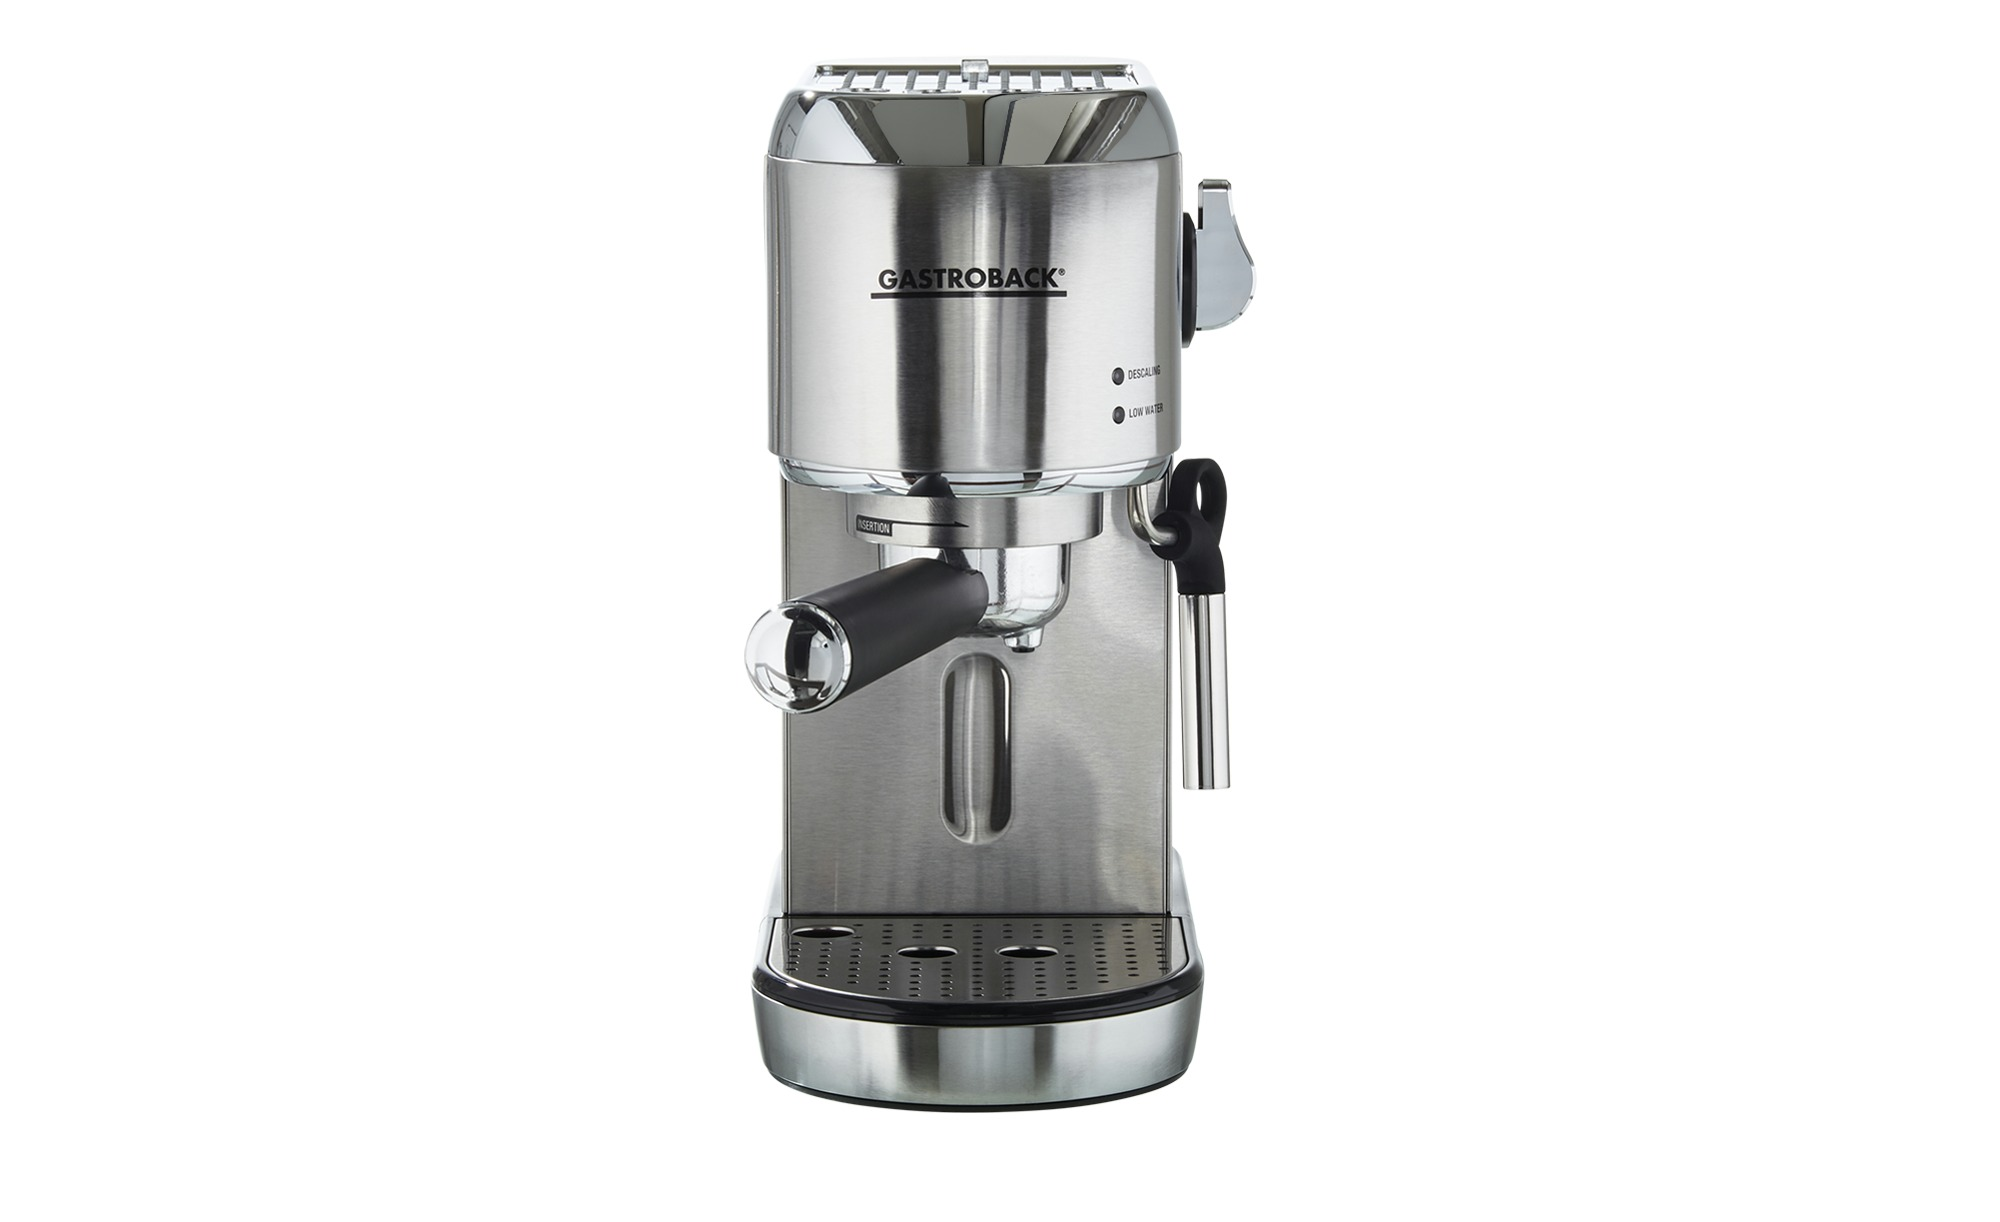 GASTROBACK Espresso-Maschine  42716 - silber - Edelstahl, Kunststoff - 15 cm - 30 cm - 30,8 cm - Elektrokleingeräte > Kaffee & Espressomaschinen - Möbel Kraft   Küche und Esszimmer > Kaffee und Tee > Espressomaschinen   GASTROBACK